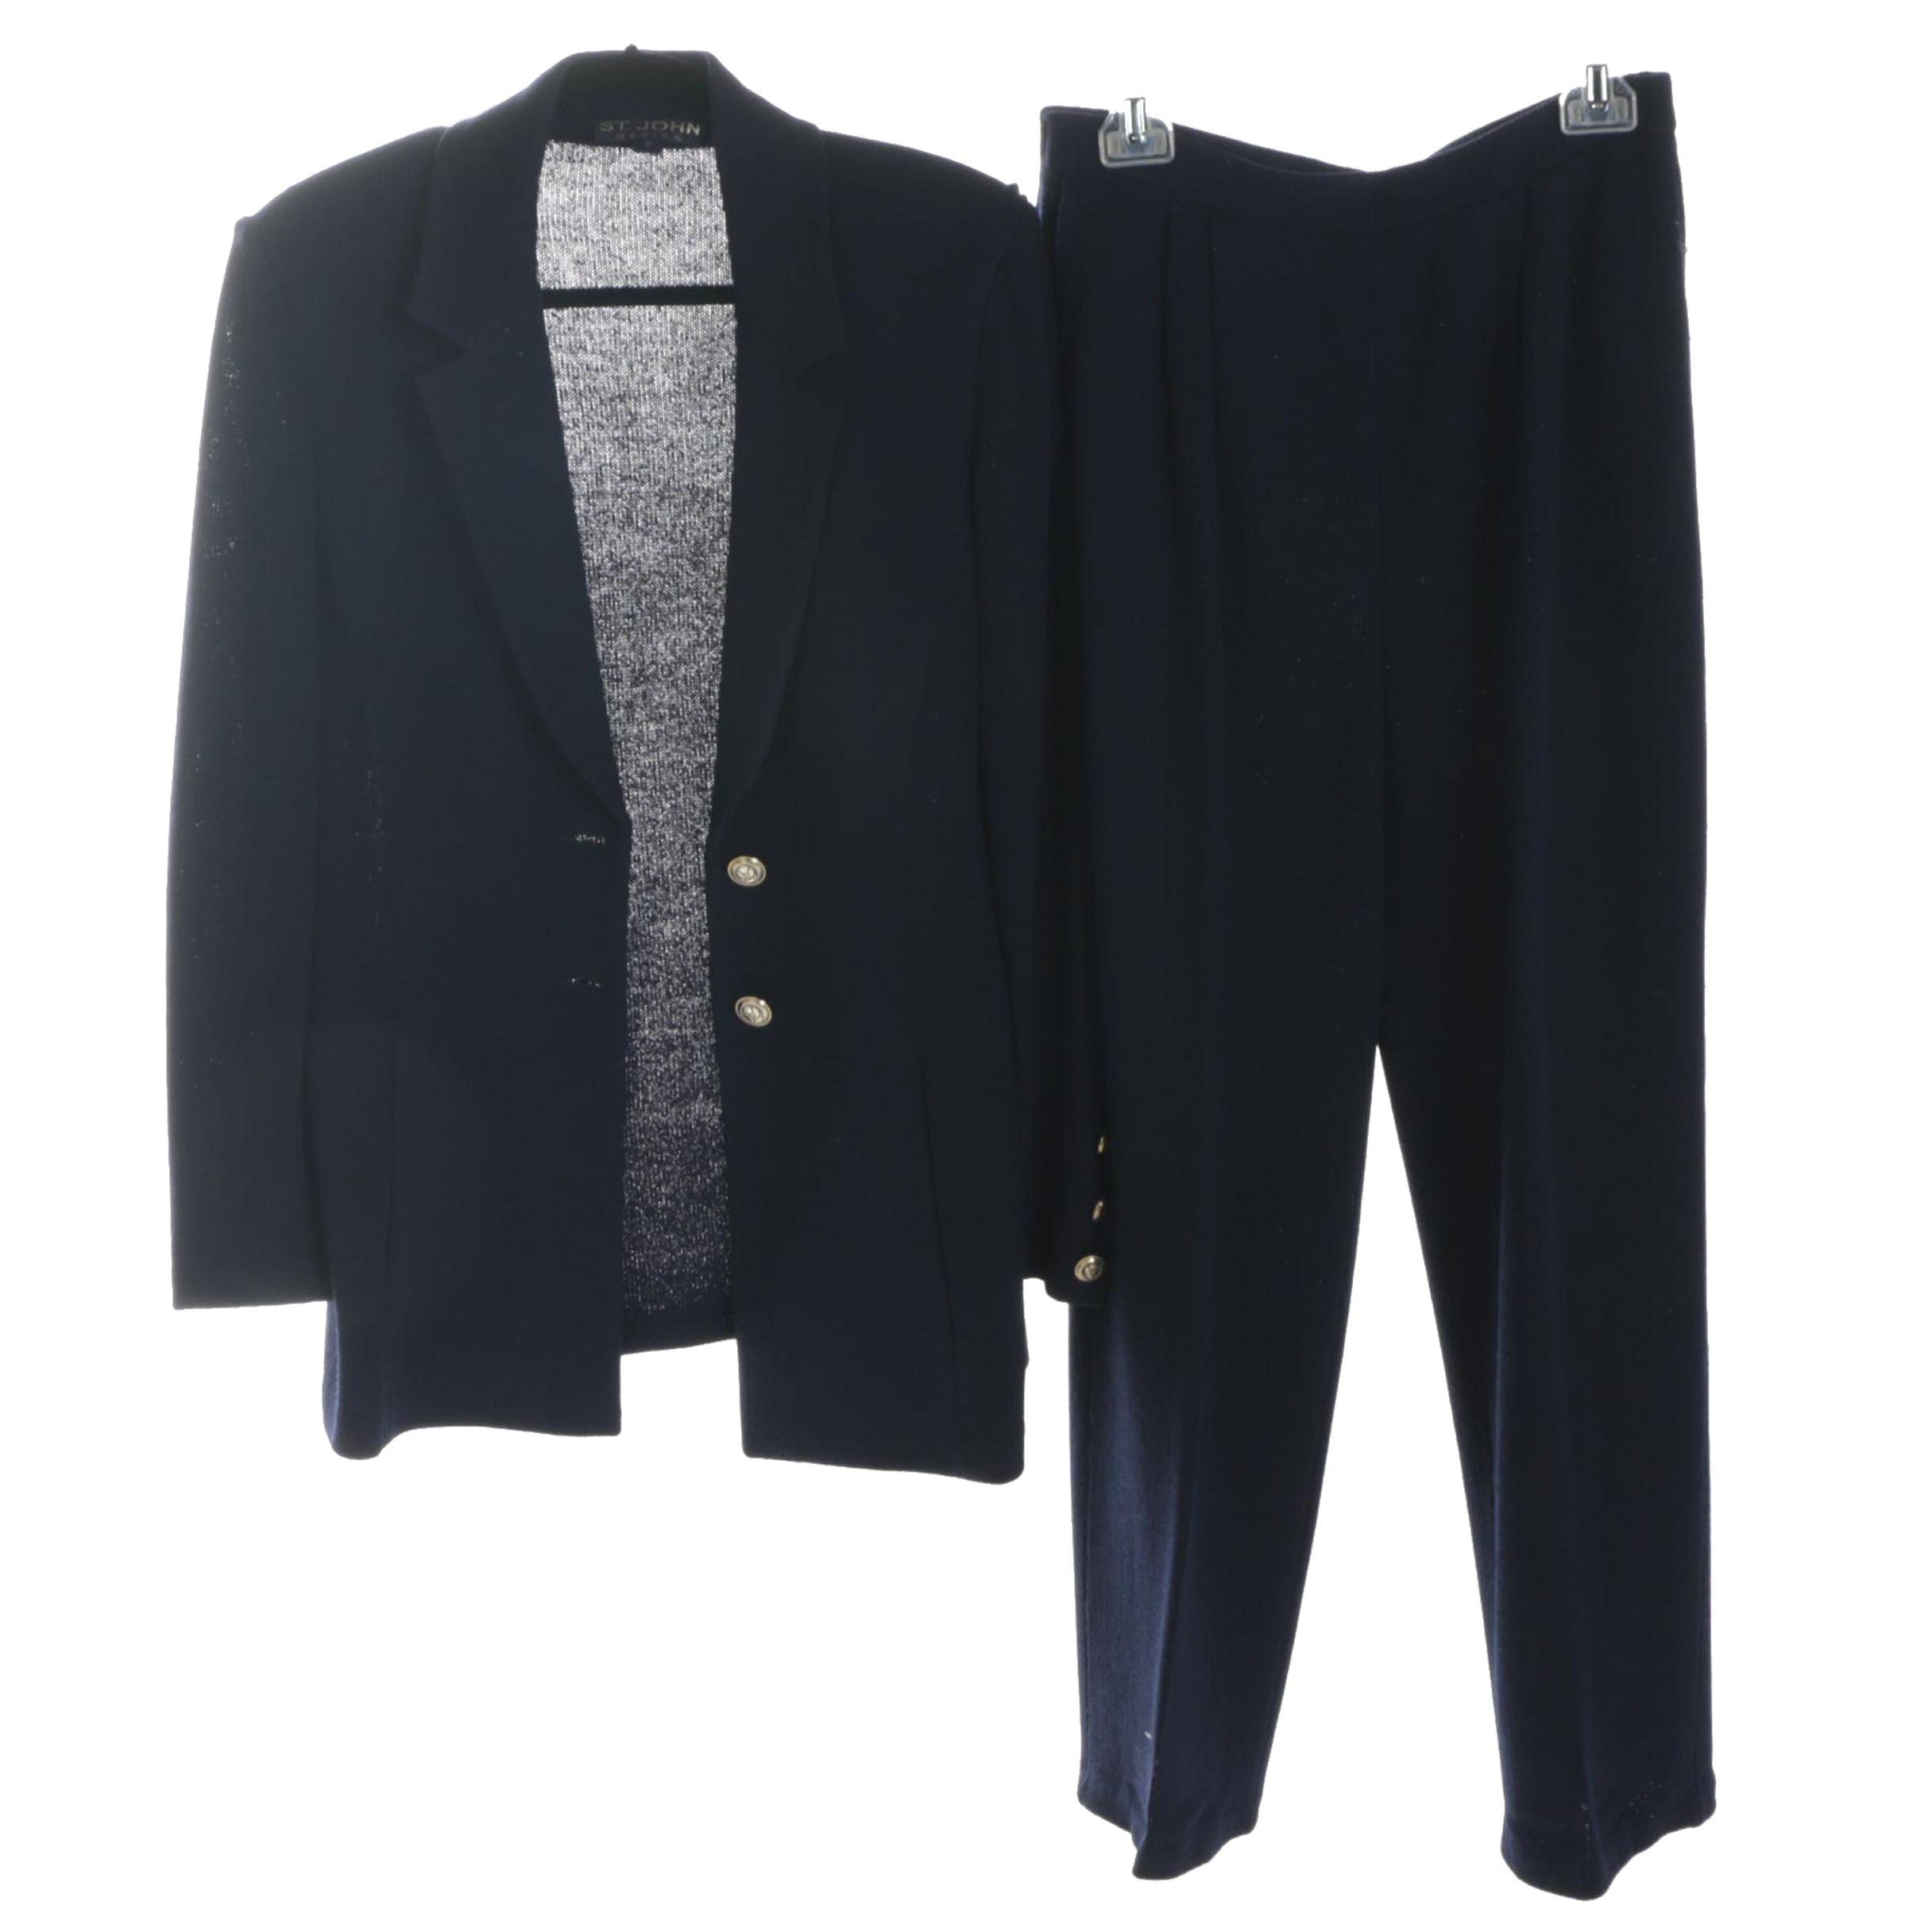 St. John Basics Navy Knit Pantsuit